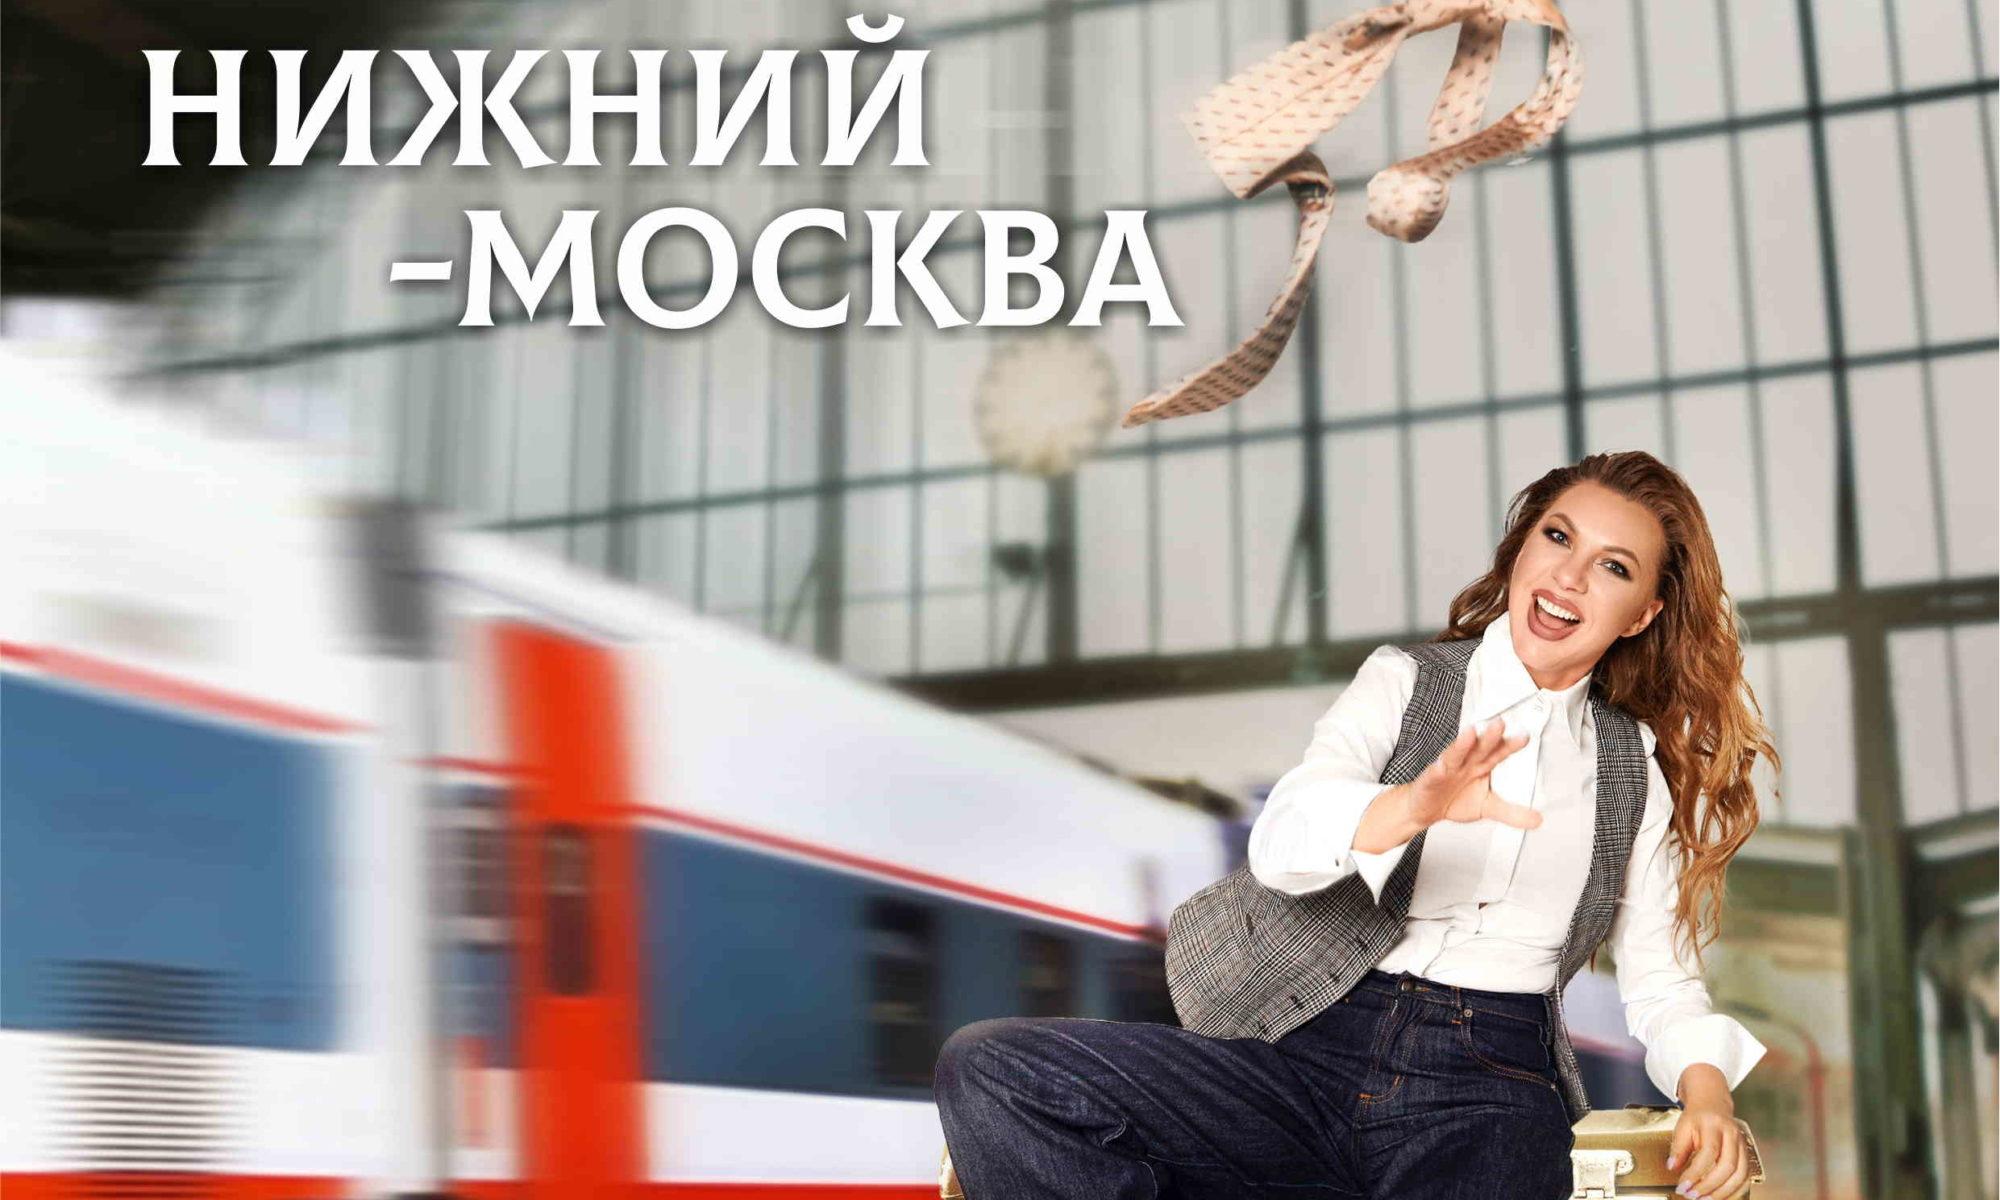 Премьера сингла «Нижний-Москва»